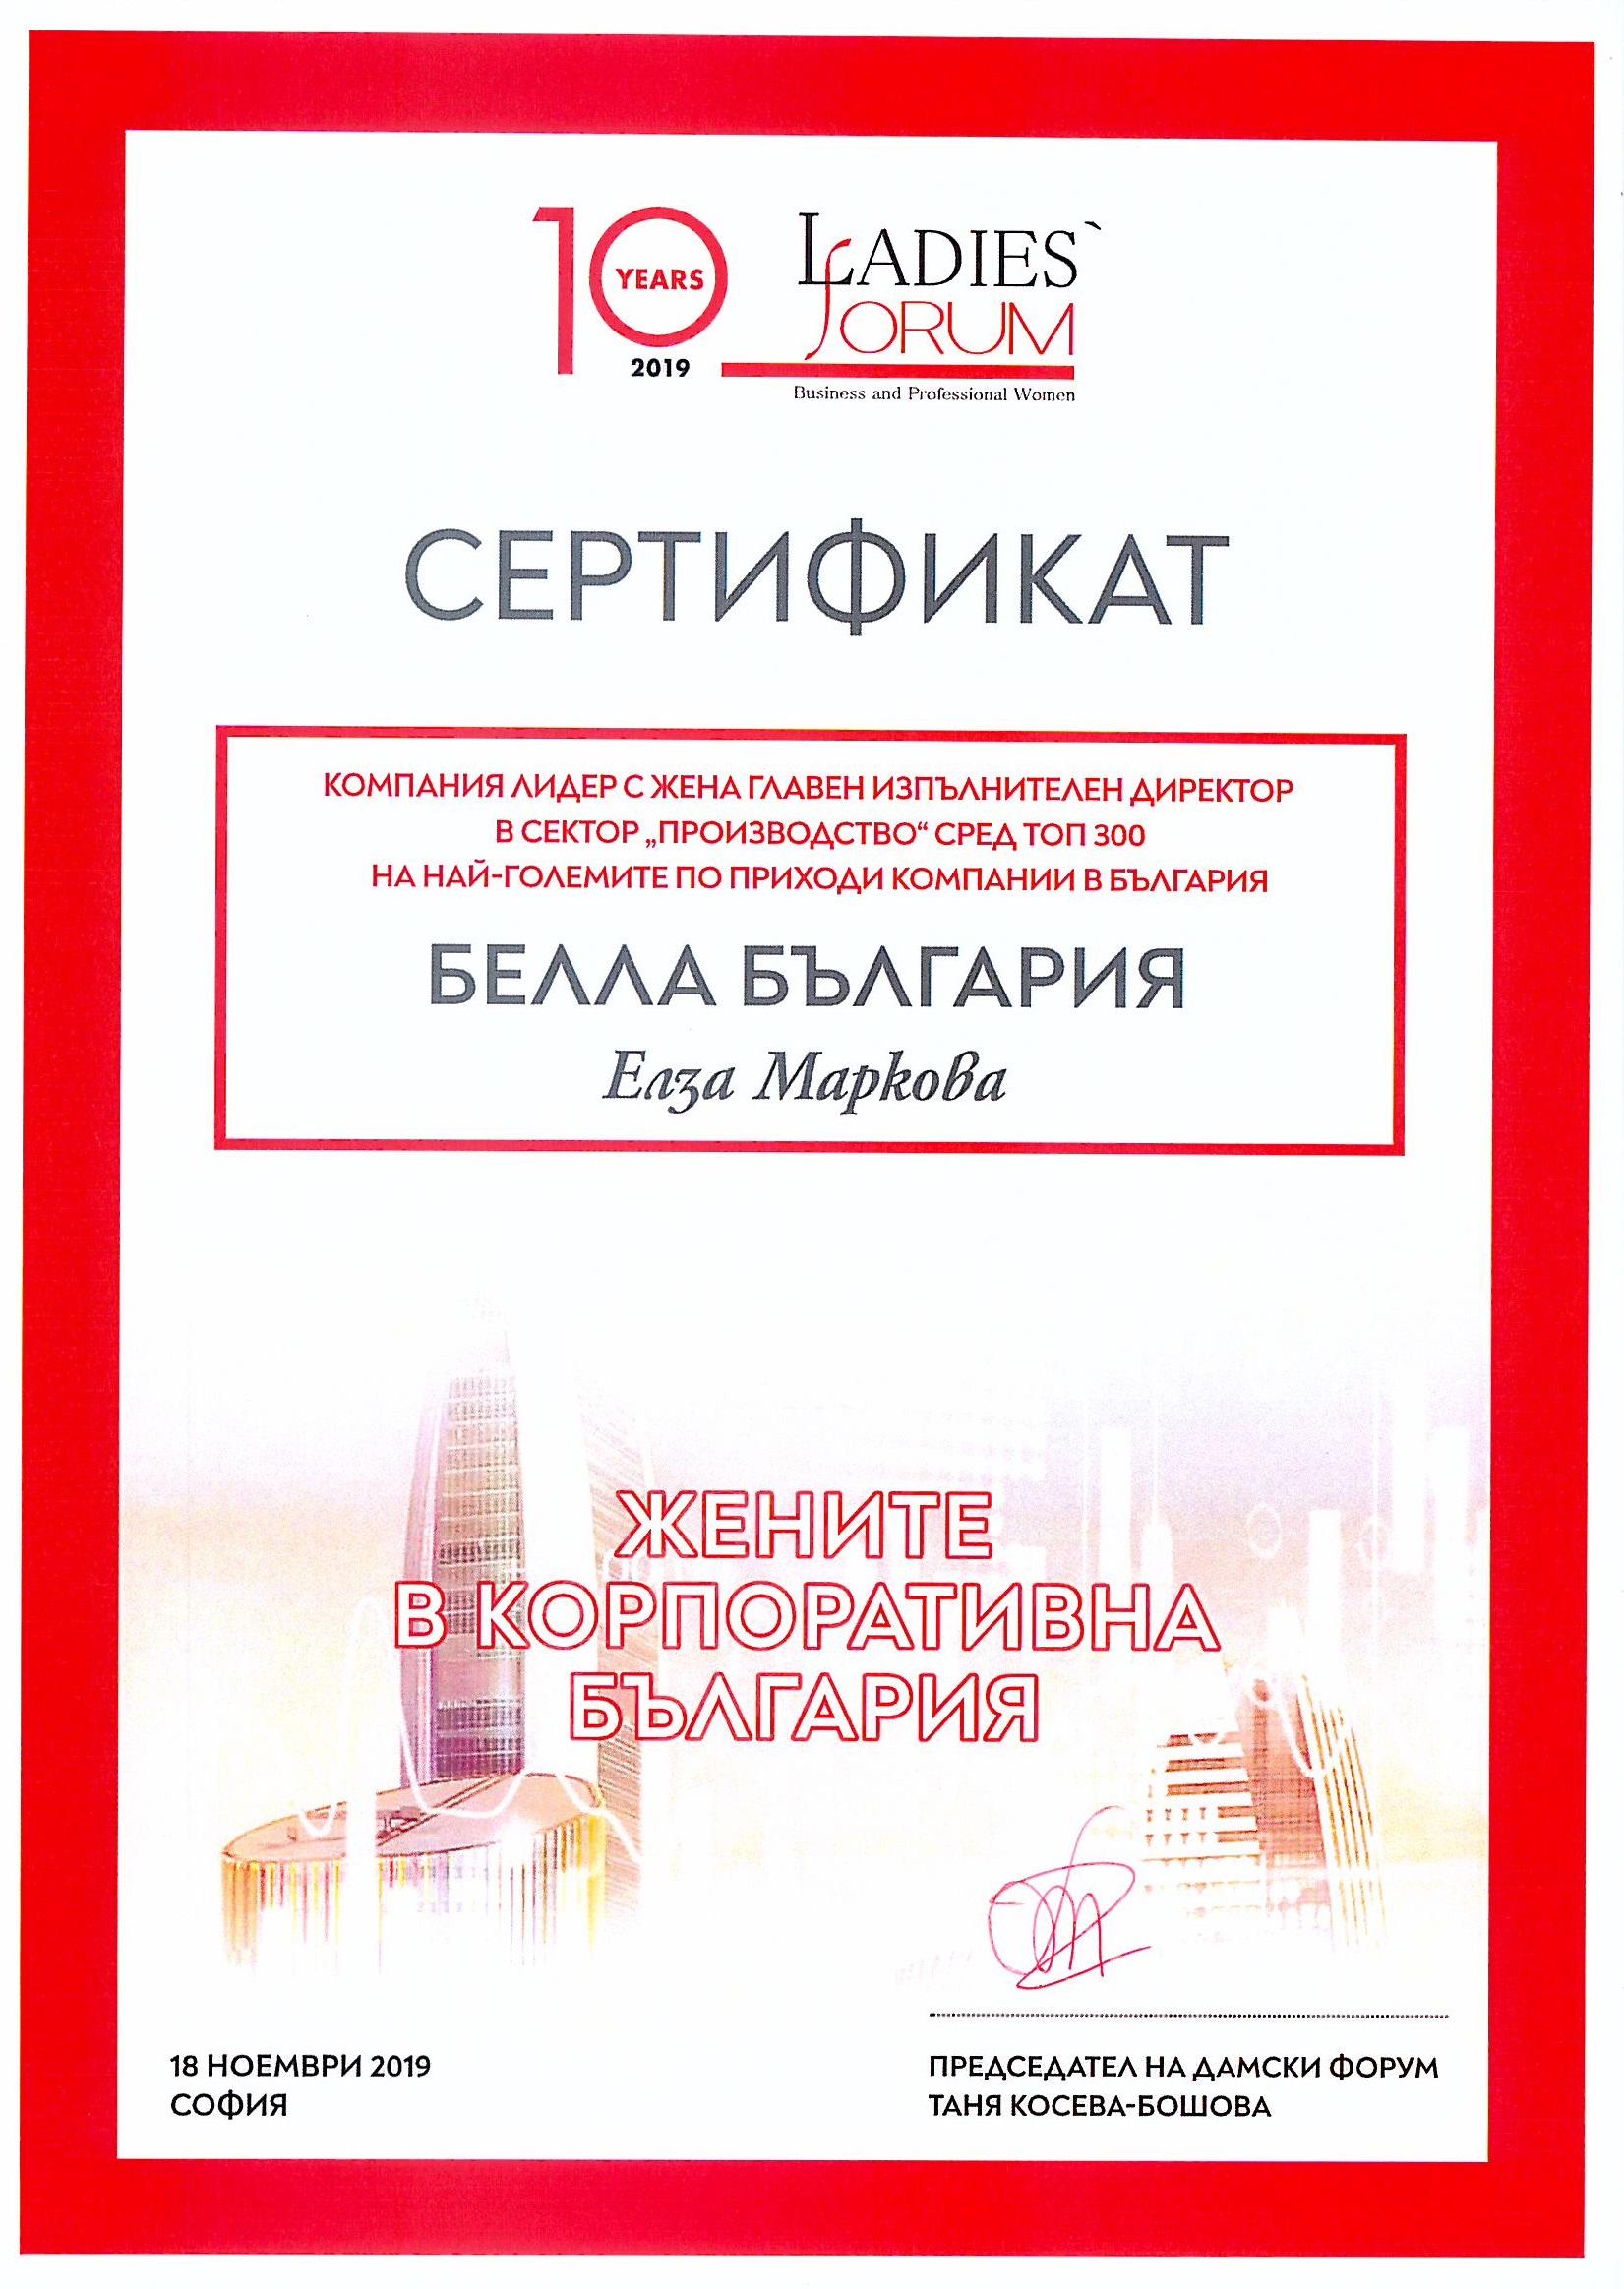 """Елза Маркова с награда от """"Дамски Форум"""", 2019"""